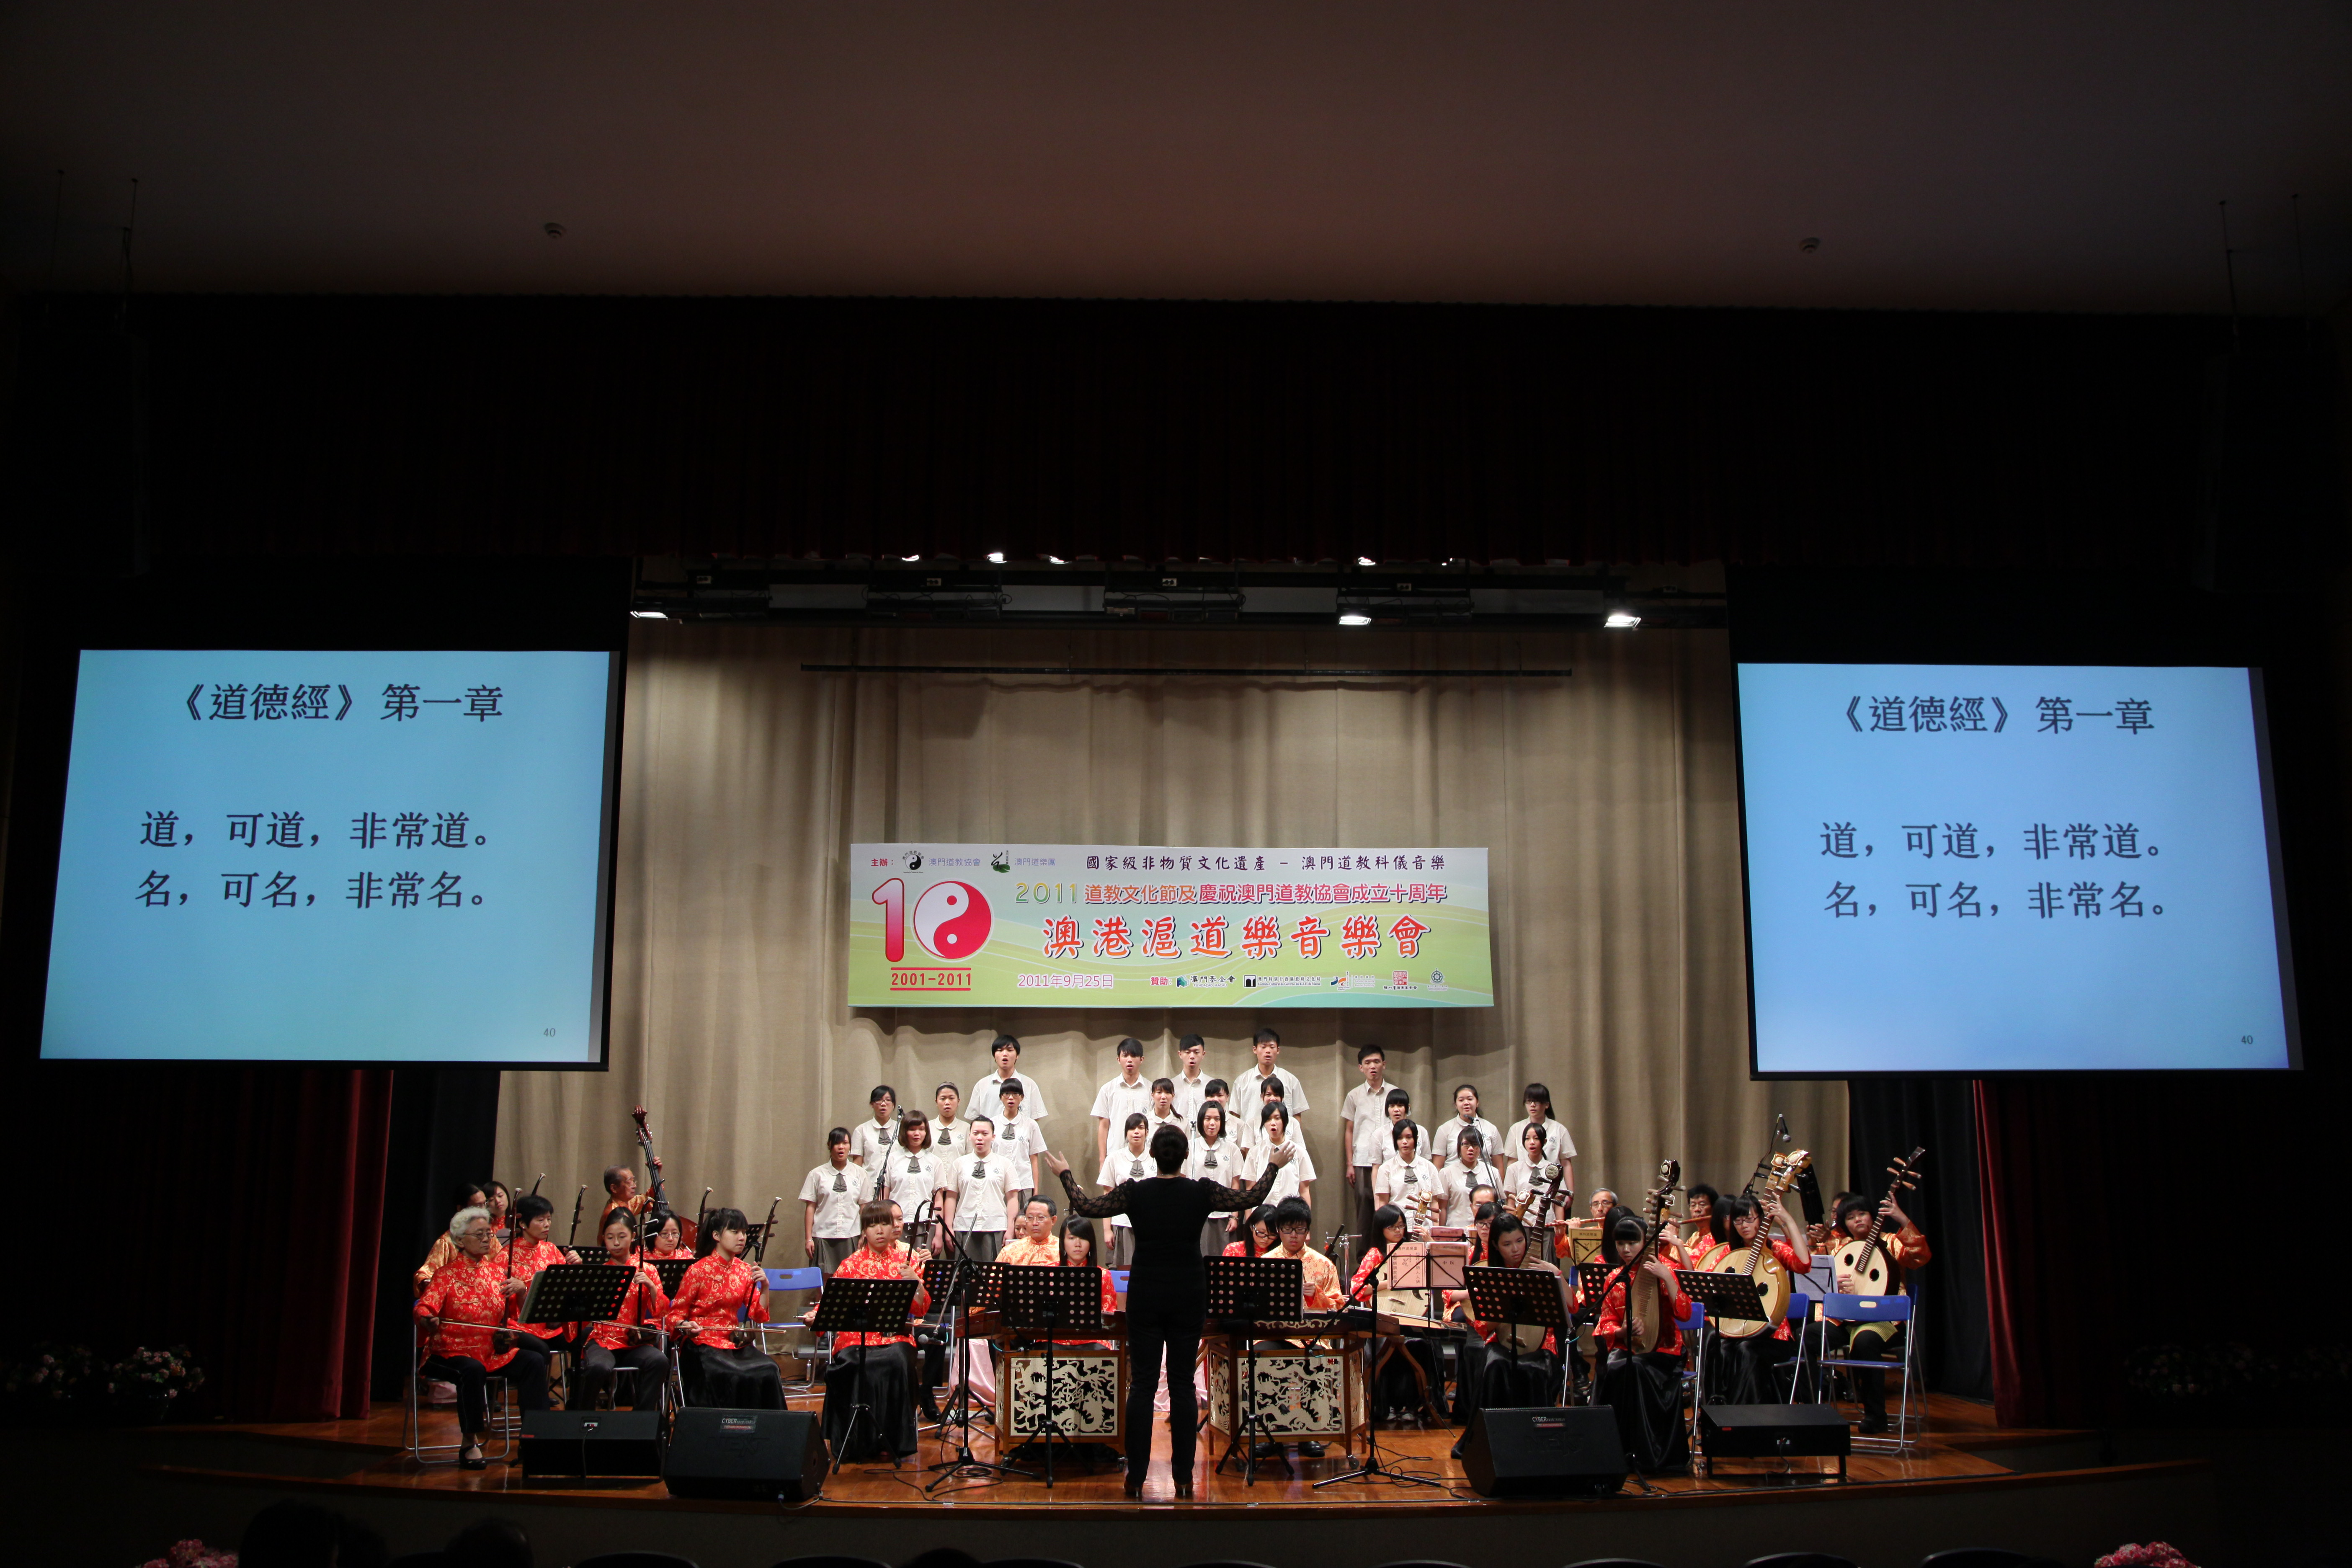 2011道教文化節